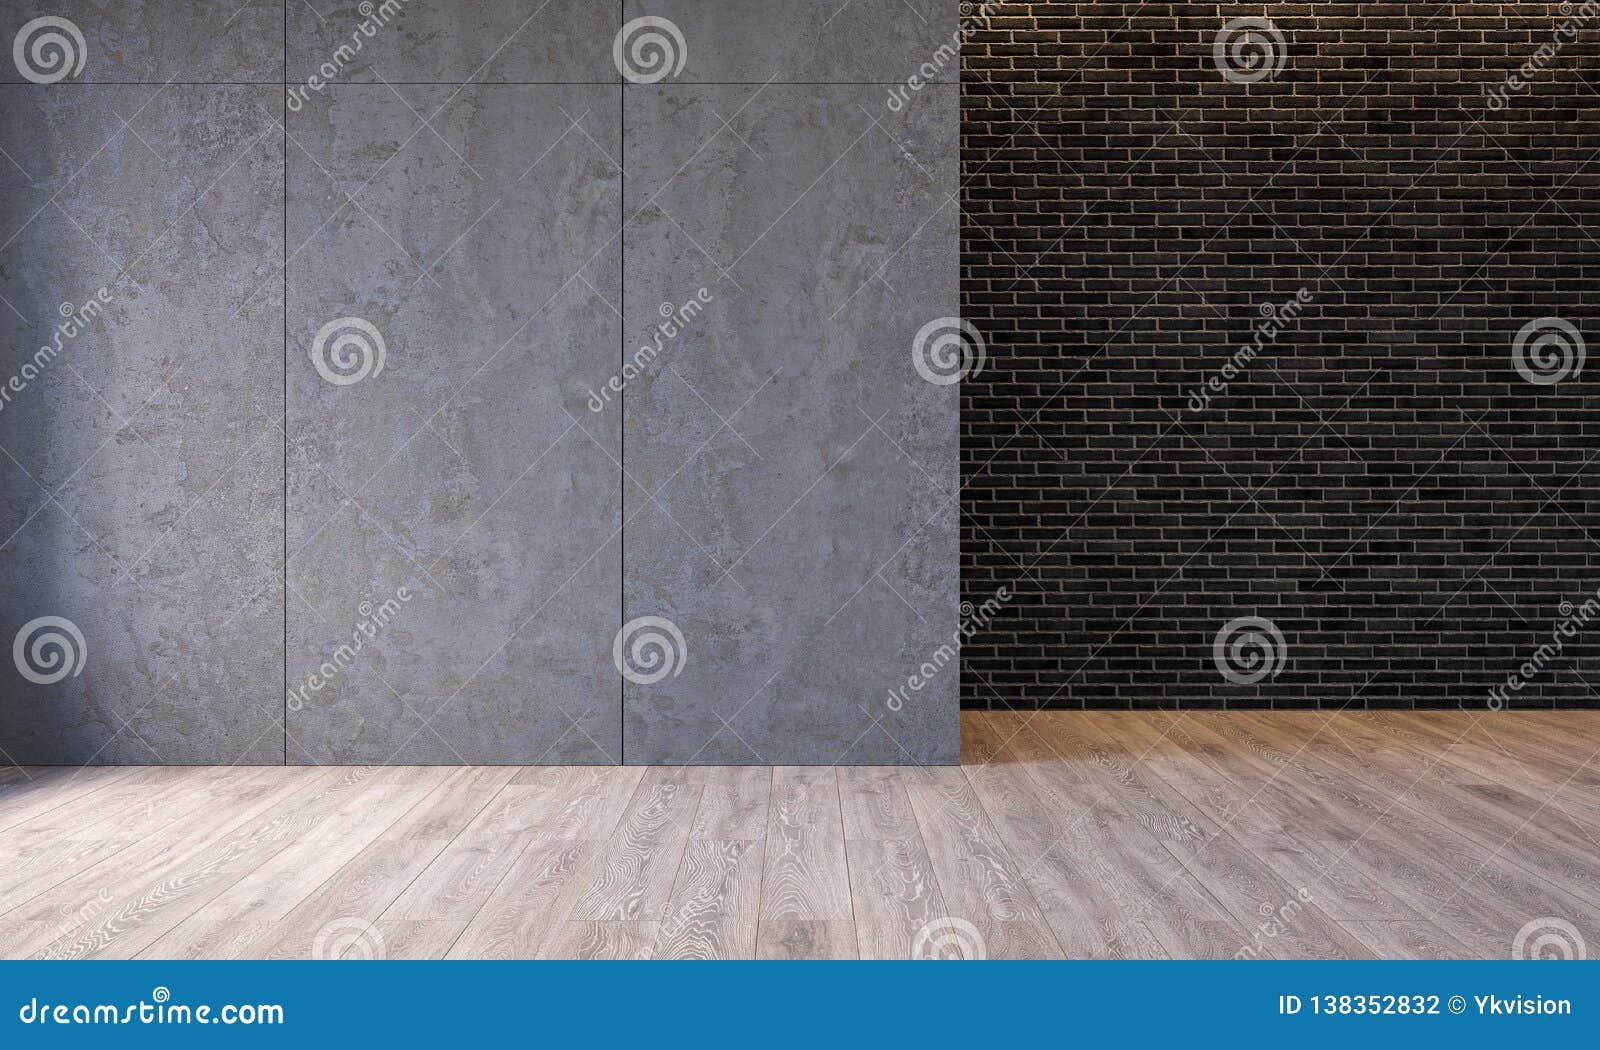 Moderner Dachbodeninnenraum mit Zement-Wänden der Architektur konkreten, Backsteinmauer, konkreter Boden Leerer Raum, leere Wand